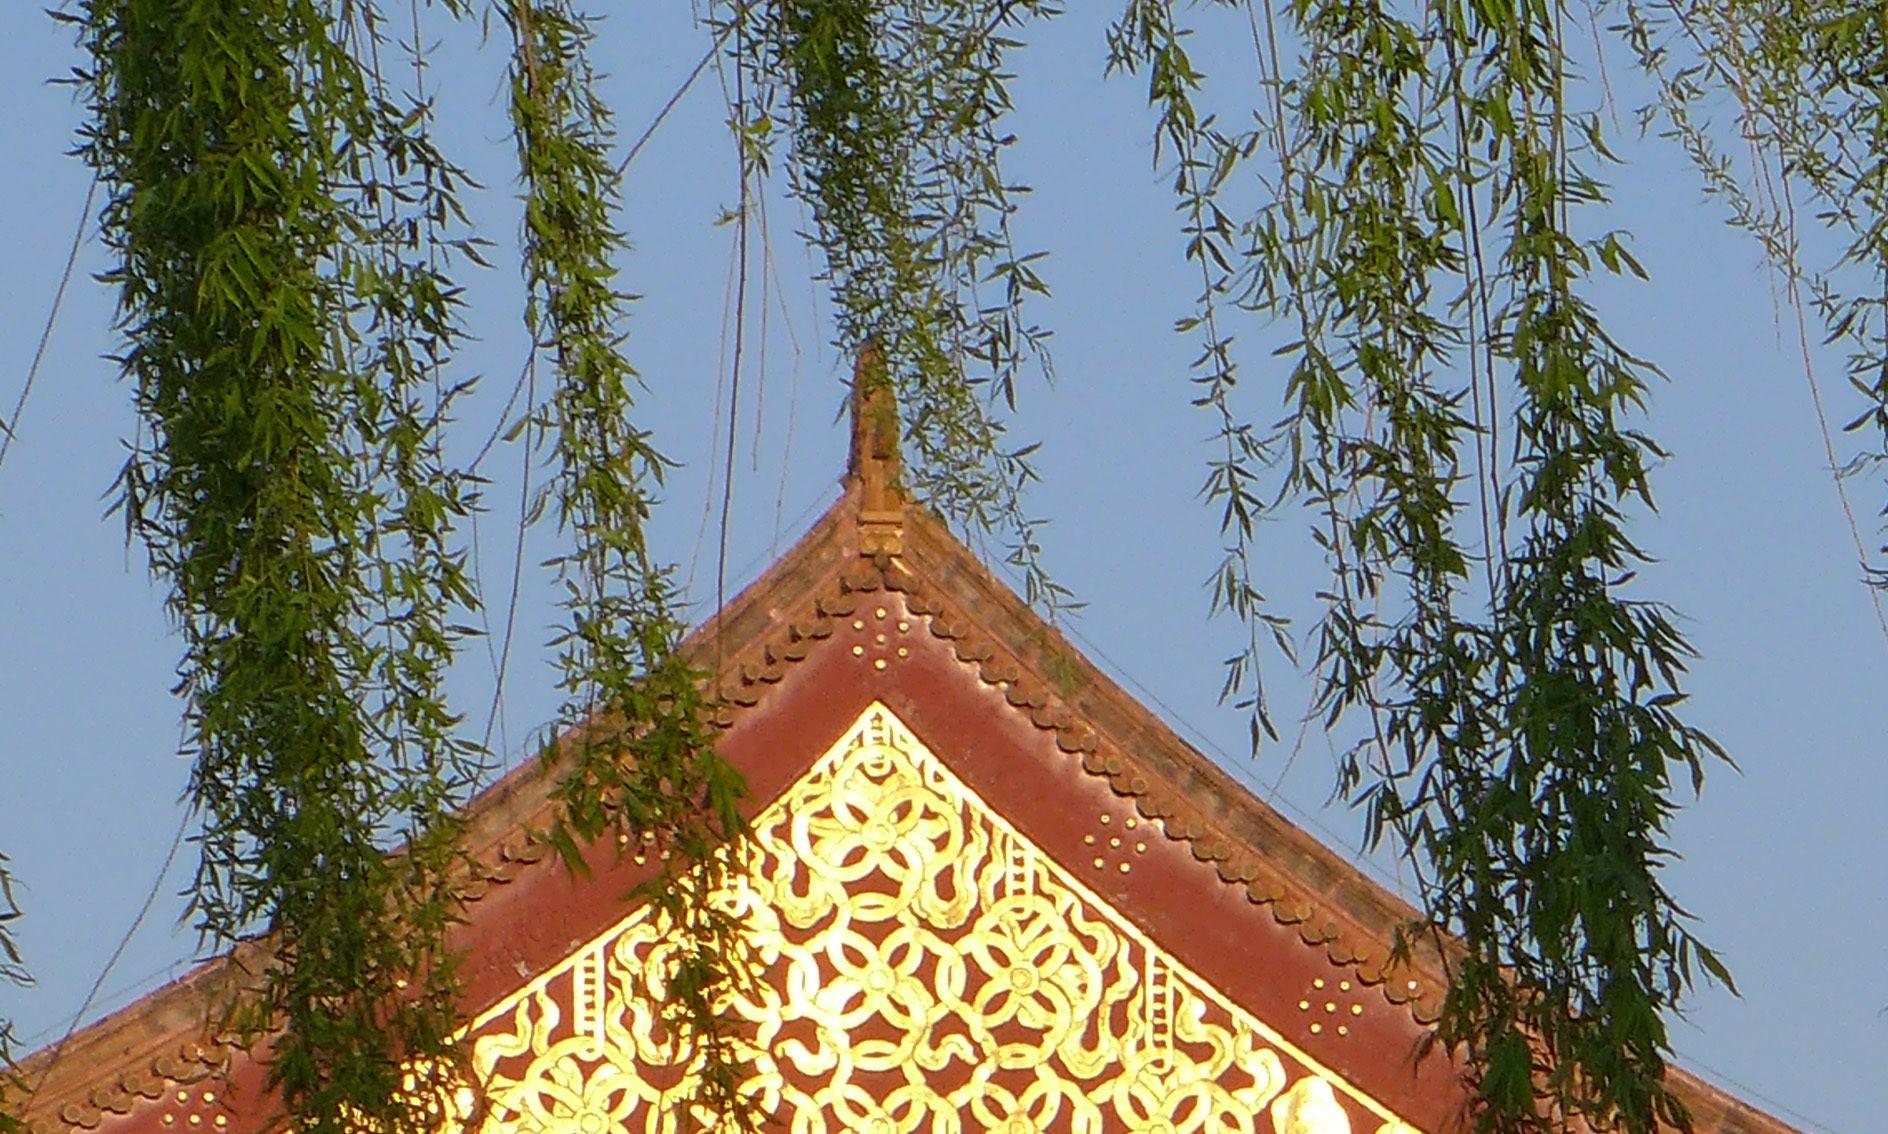 云南人眼中北京城里金碧辉煌的故宫博物院